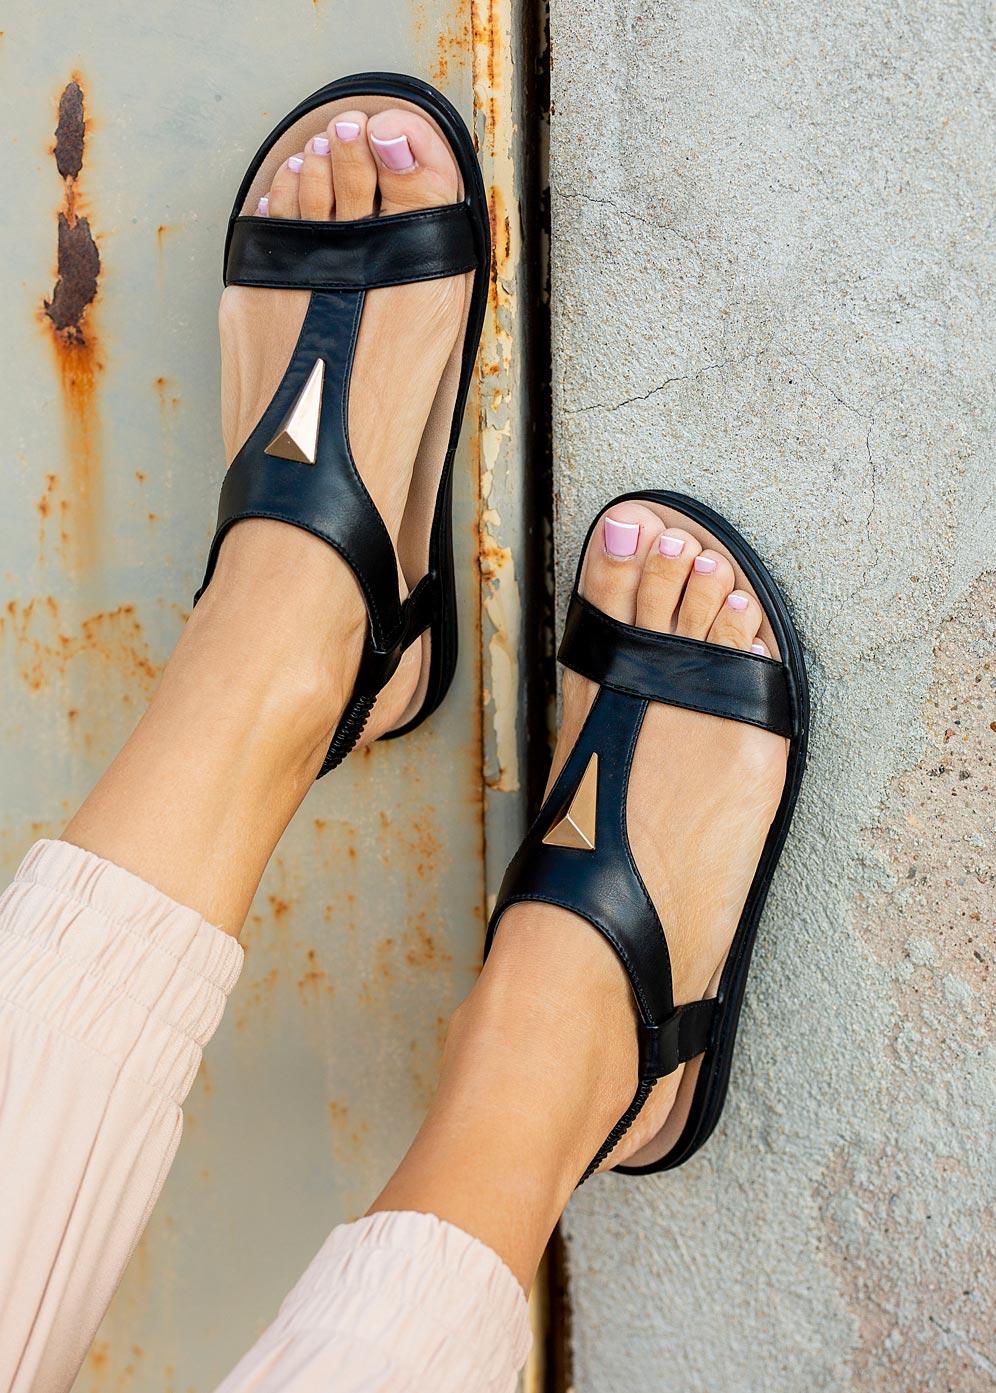 Czarne sandały płaskie z gumką i metalową ozdobą Casu N19X6/B producent Casu